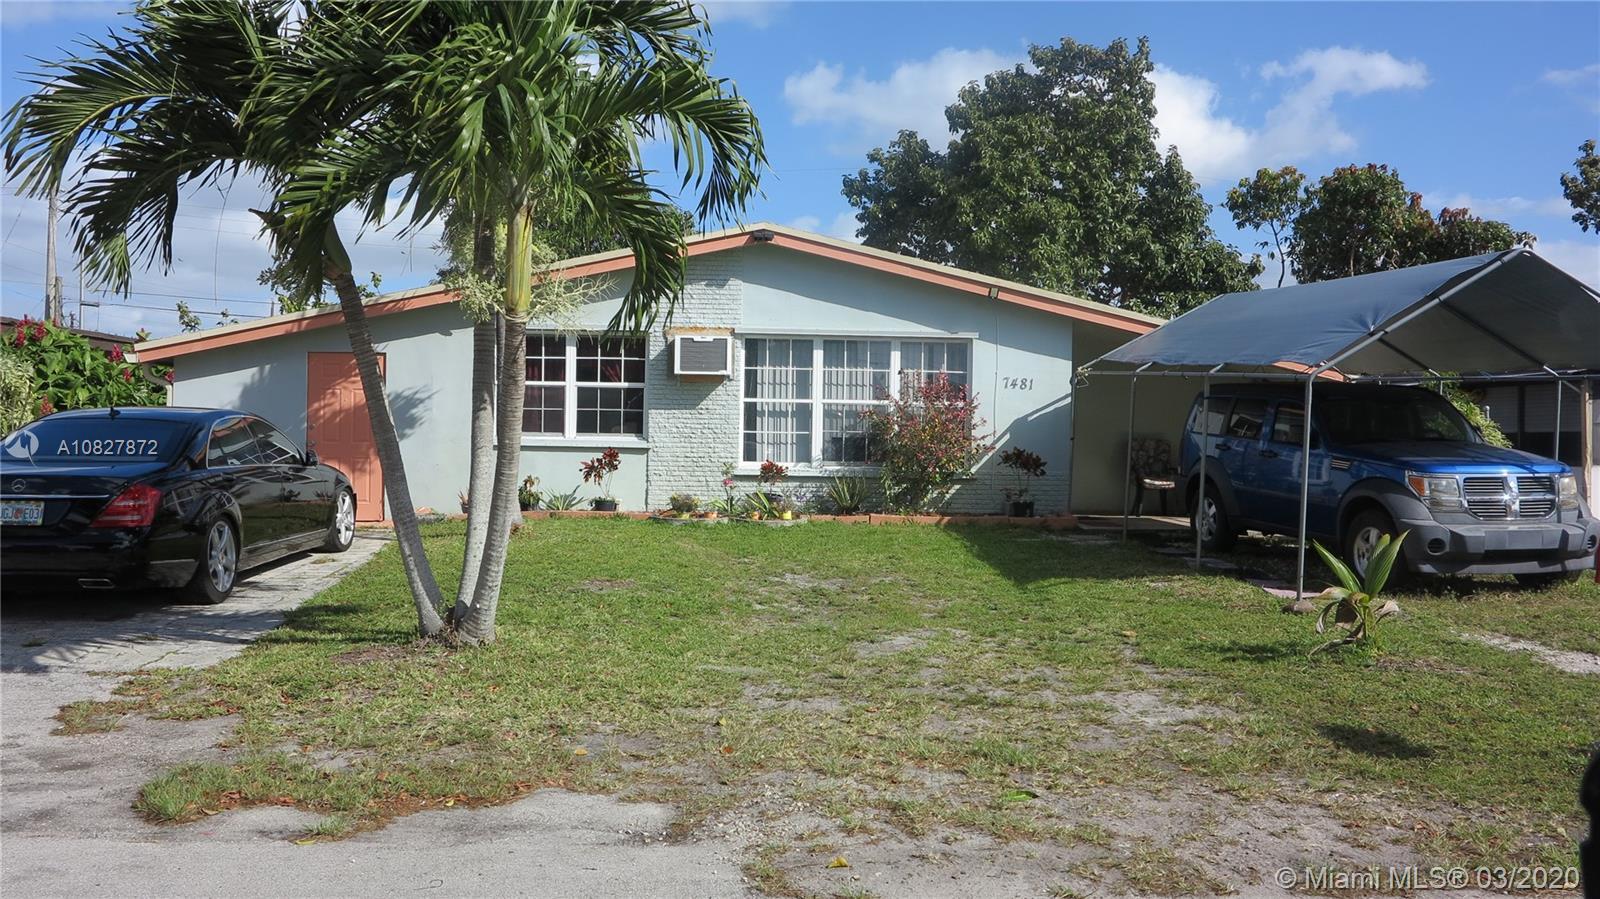 7481  Douglas St  For Sale A10827872, FL